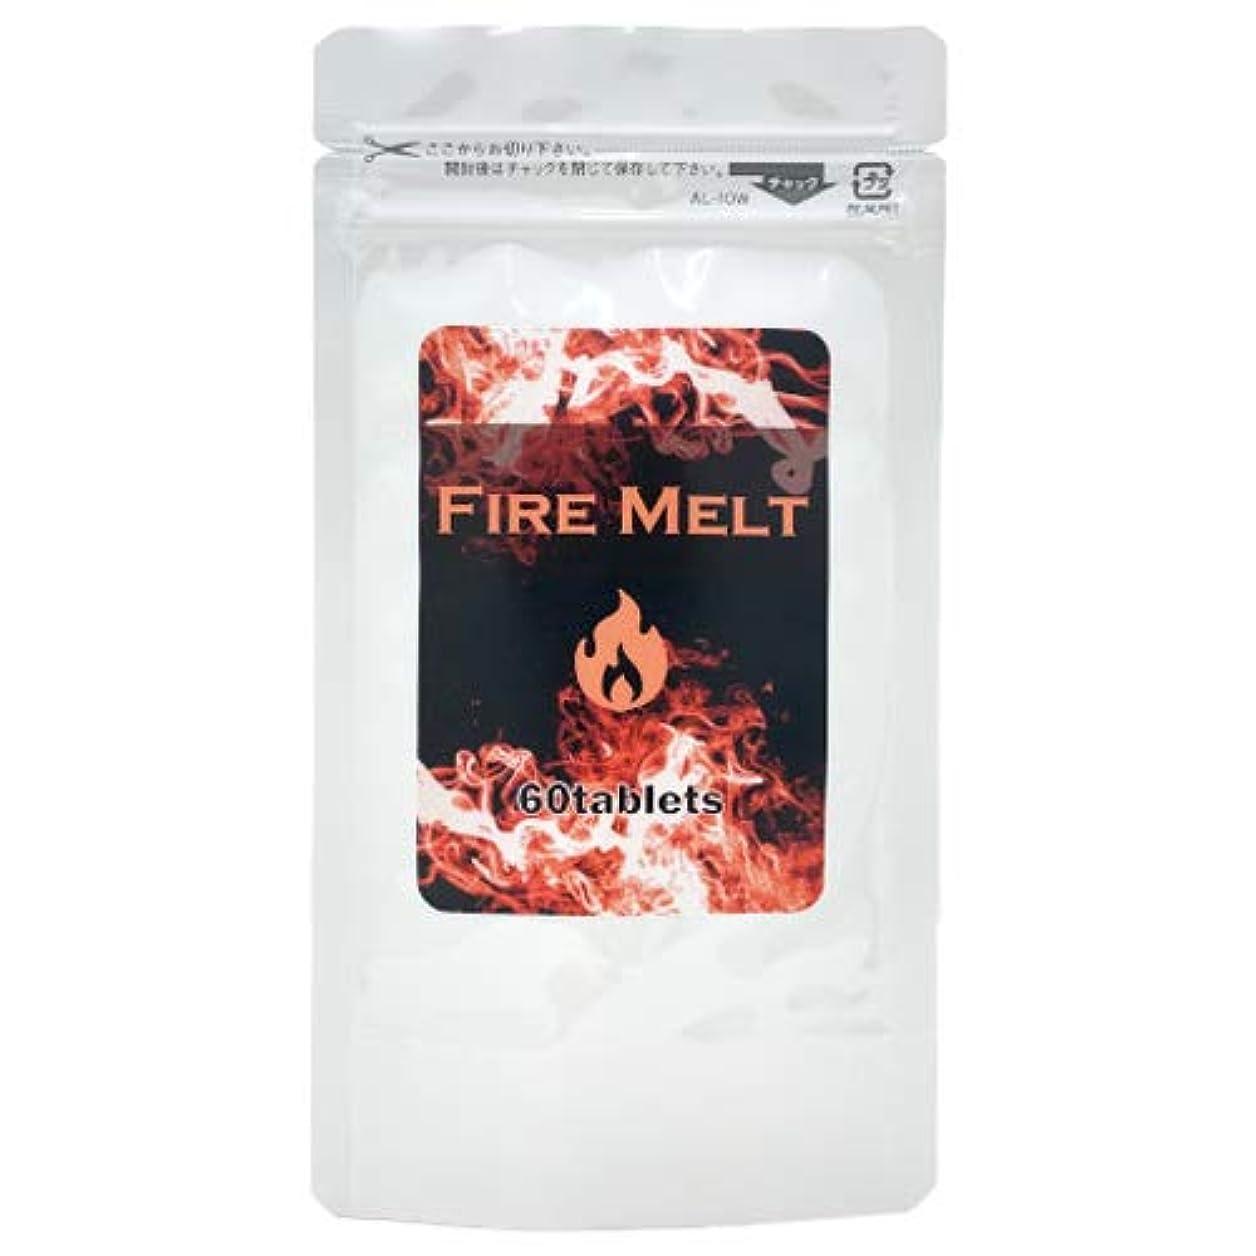 ダーリン感謝している兵士ファイアーメルト firemelt 60粒 約30日分 ダイエット サプリ 燃焼